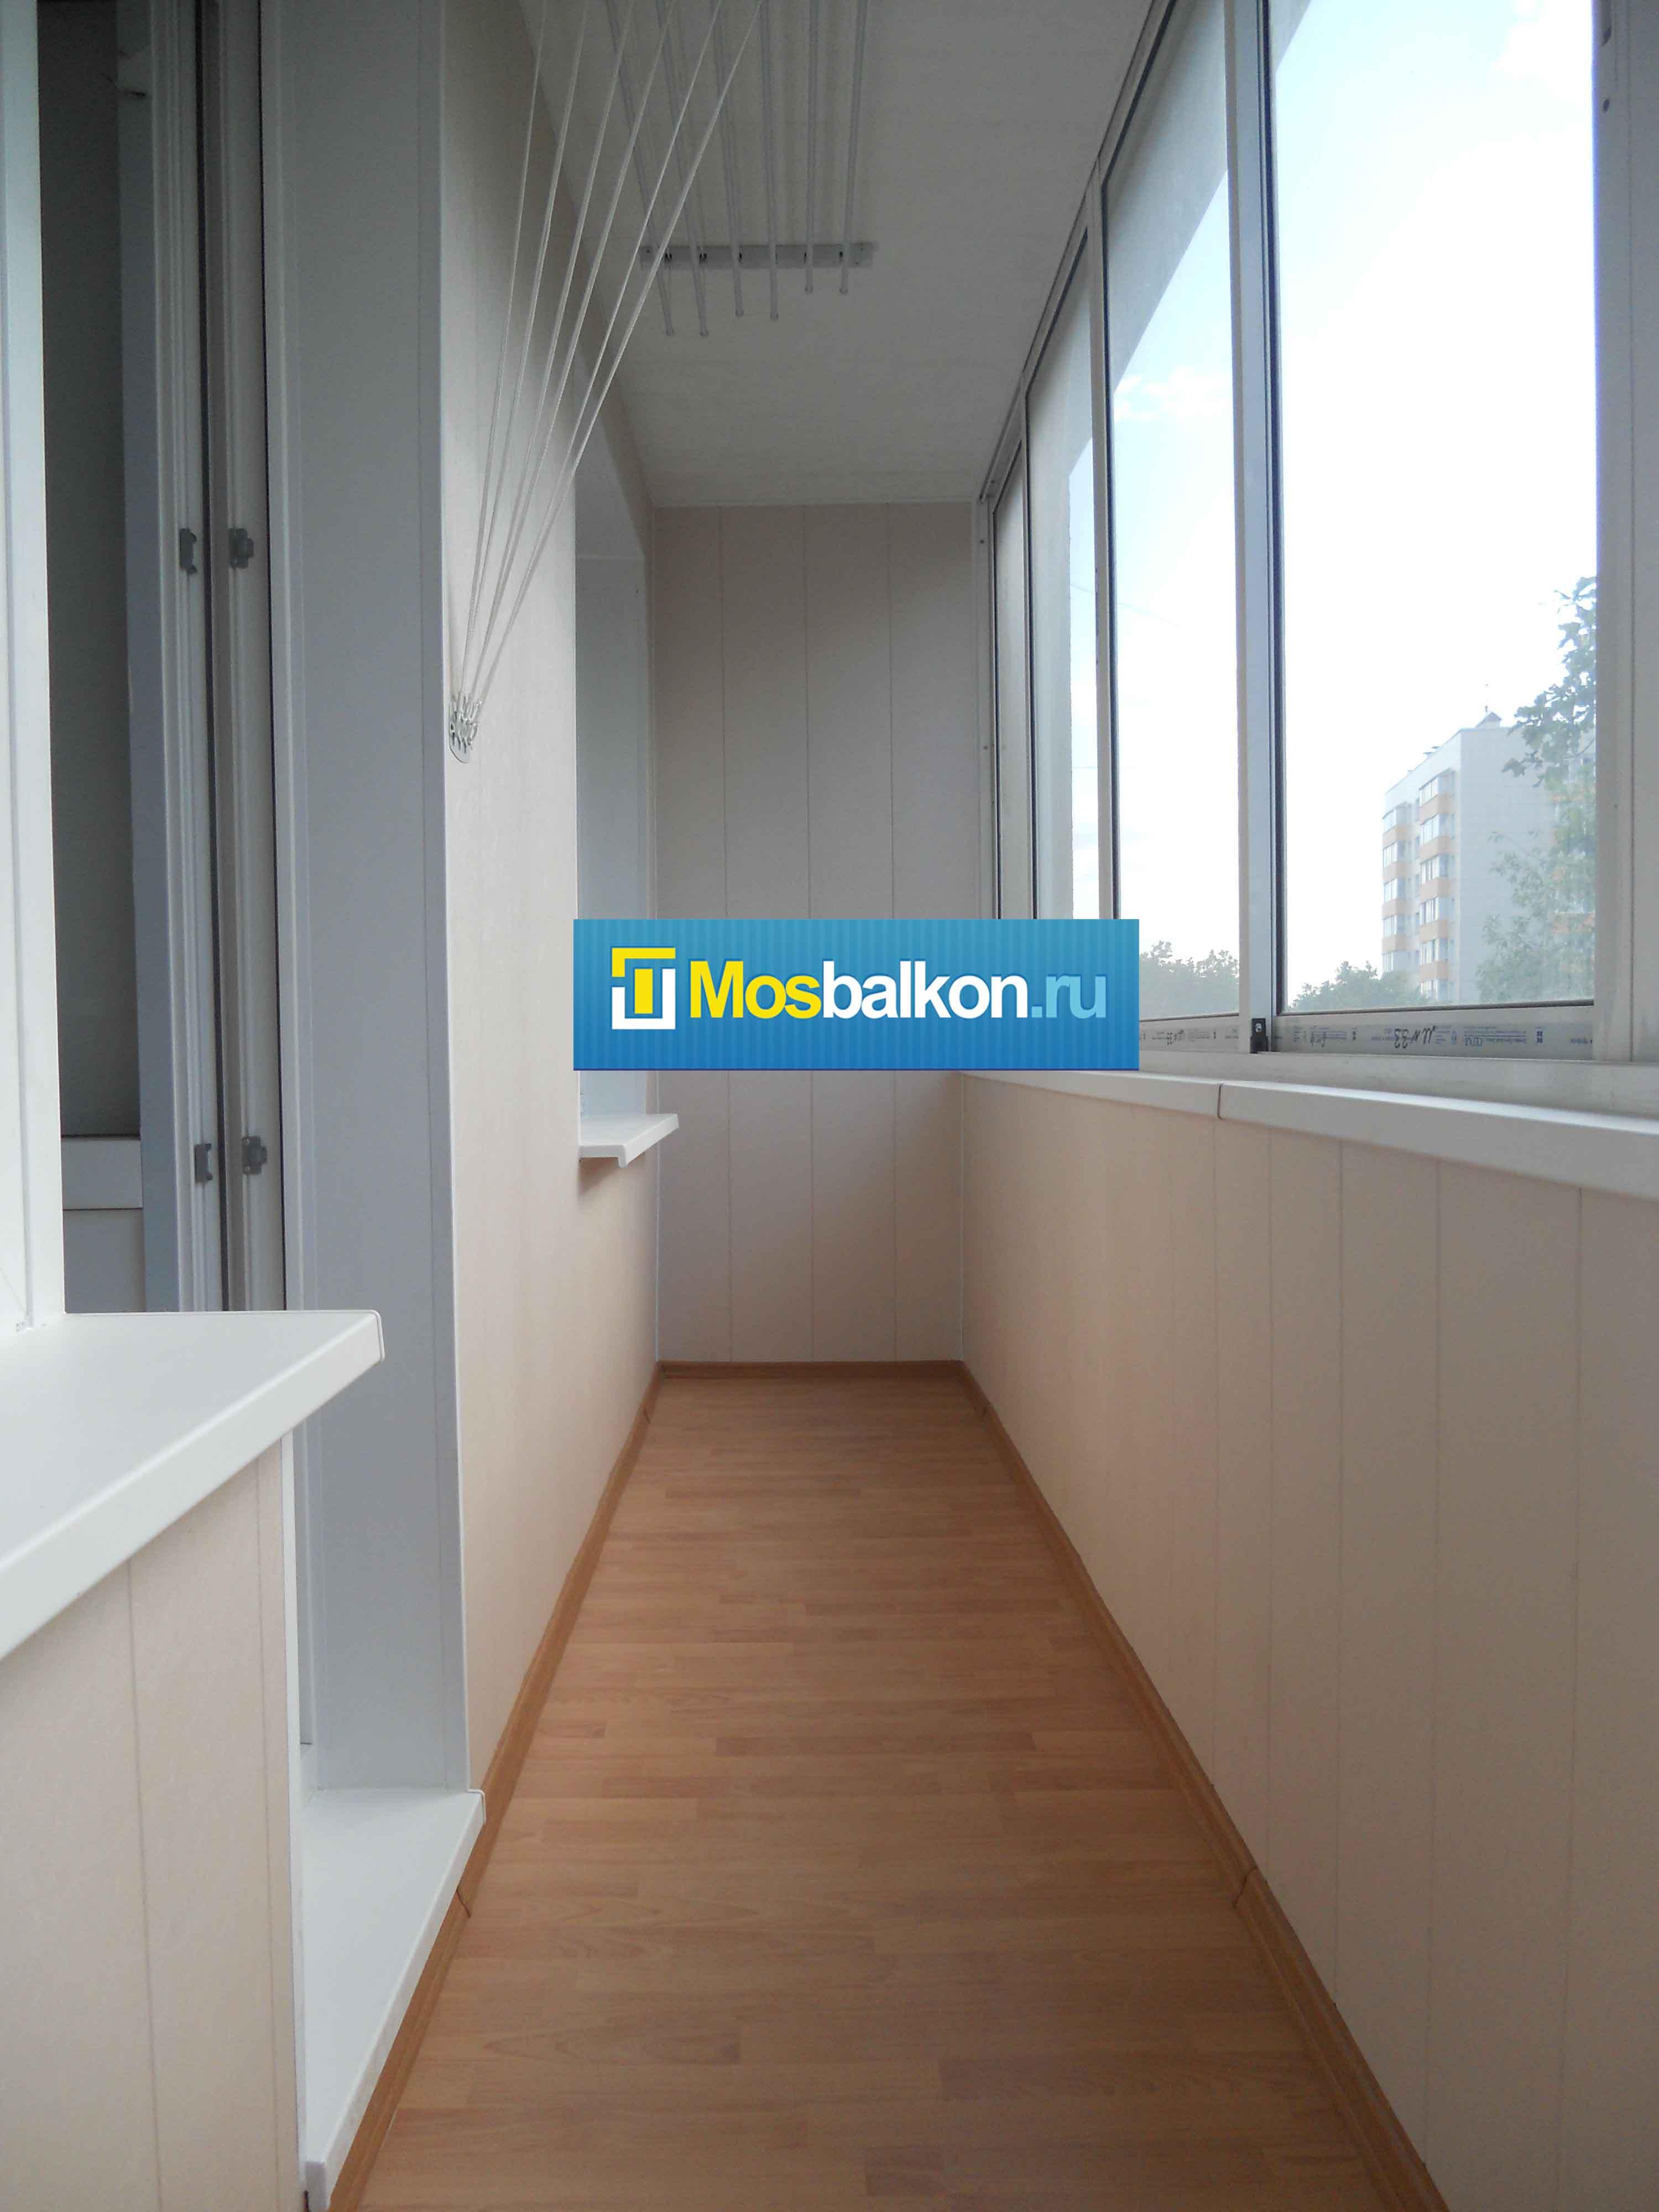 Стоимость квадратного метра остекления лоджии и балконов..